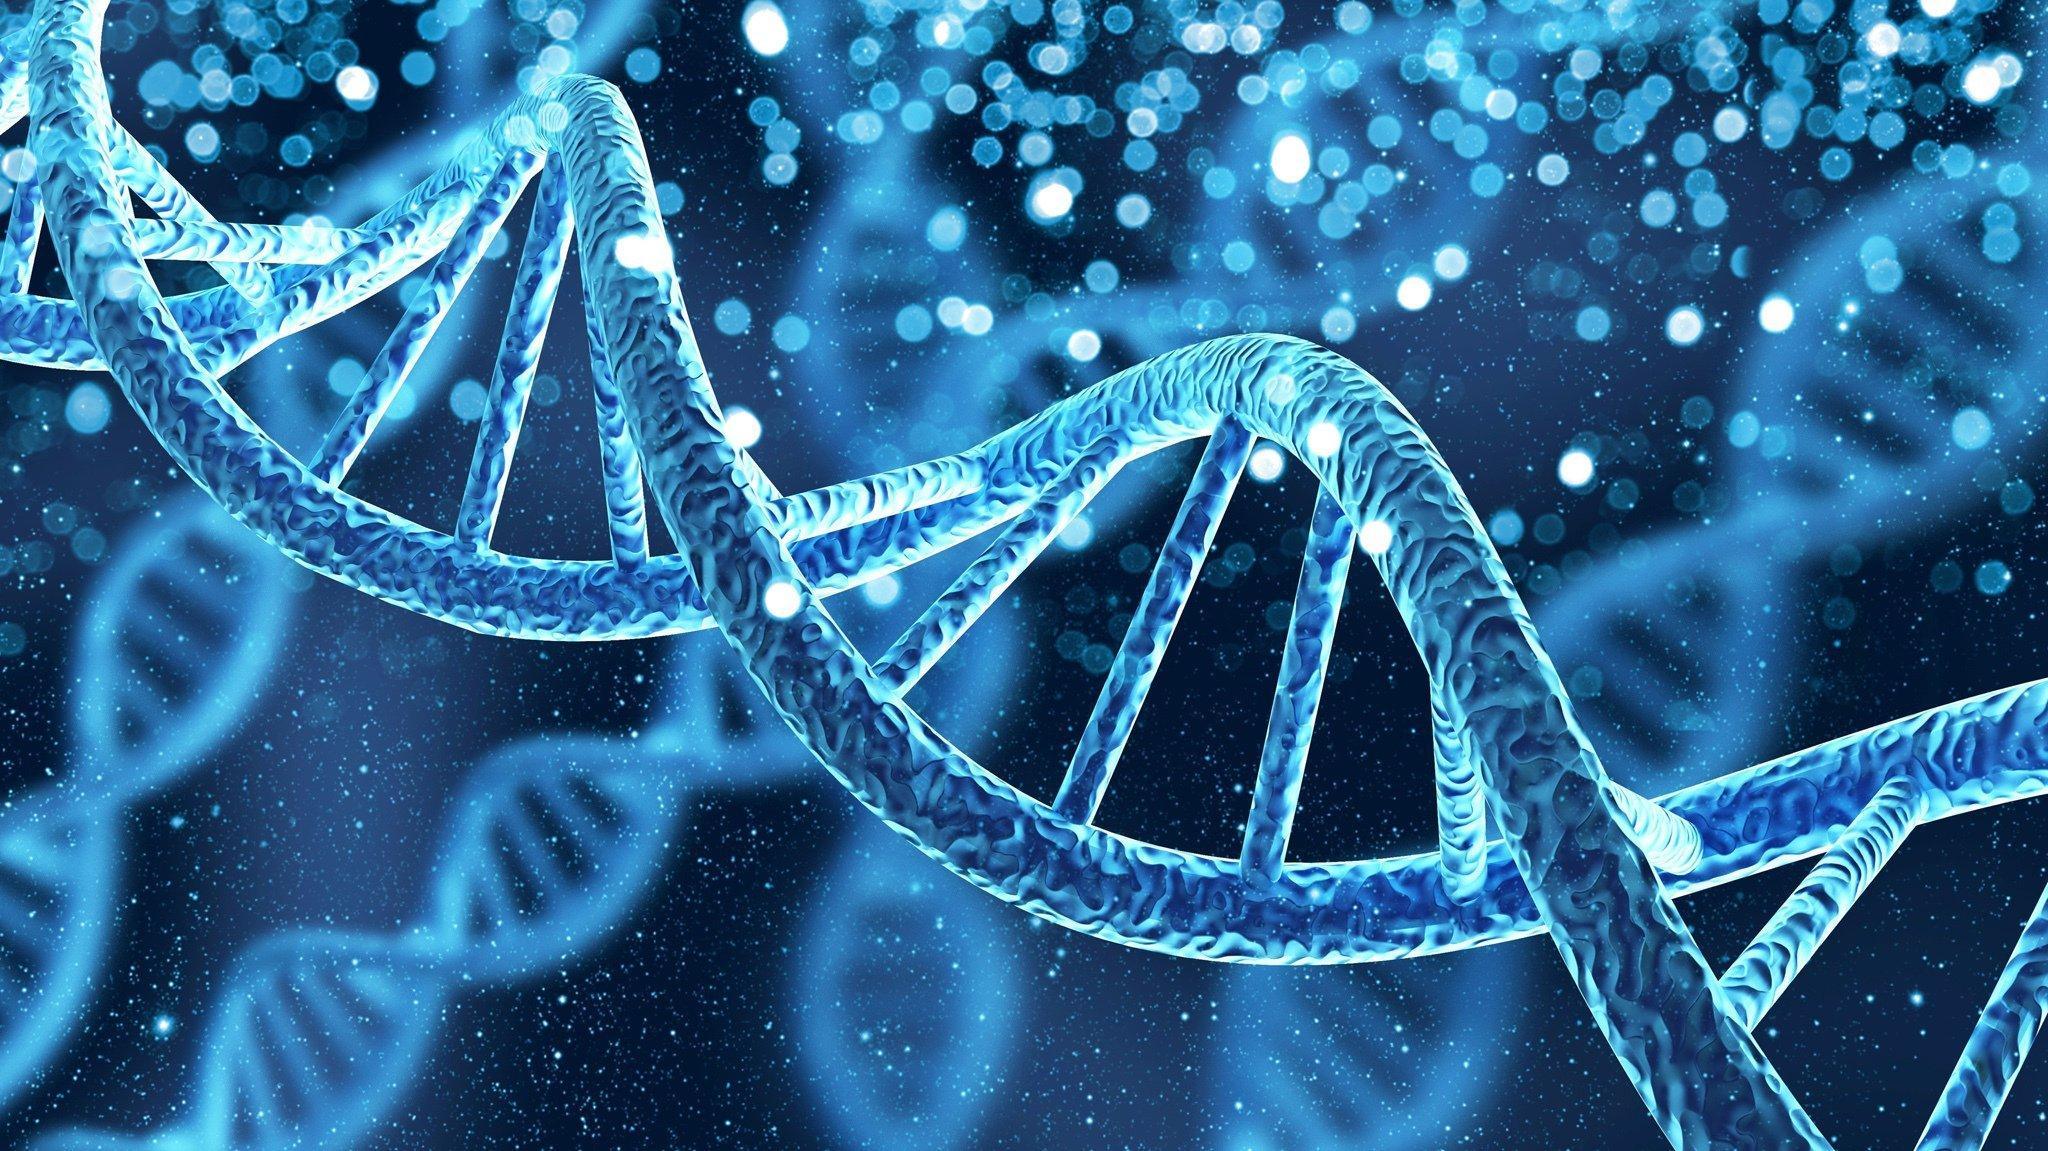 Das Foto zeigt die in Blautönen gehaltene Illustration eine DNA-Spirale – dem Träger der Erbinformation. Heutzutage können Forschende deren komplette Buchstabenfolge entziffern und herauslesen, wer von wem abstammt und ob es gemeinsame Vorfahren gab.